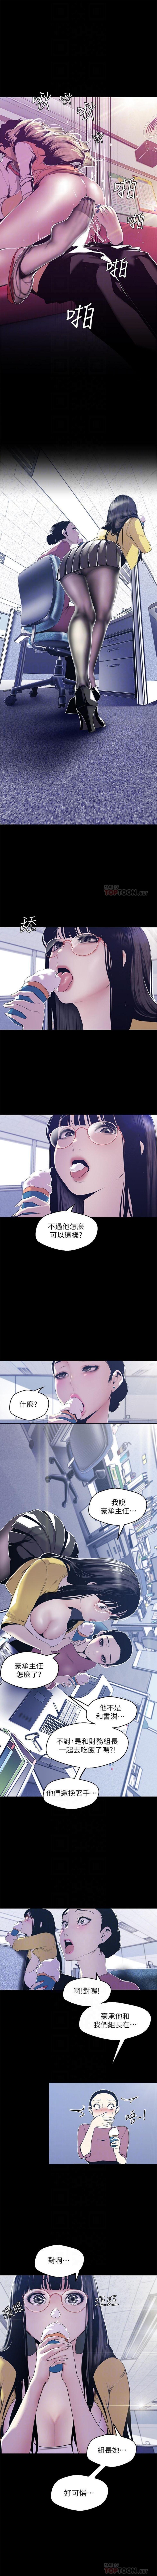 美麗新世界 1-85 官方中文(連載中) 613